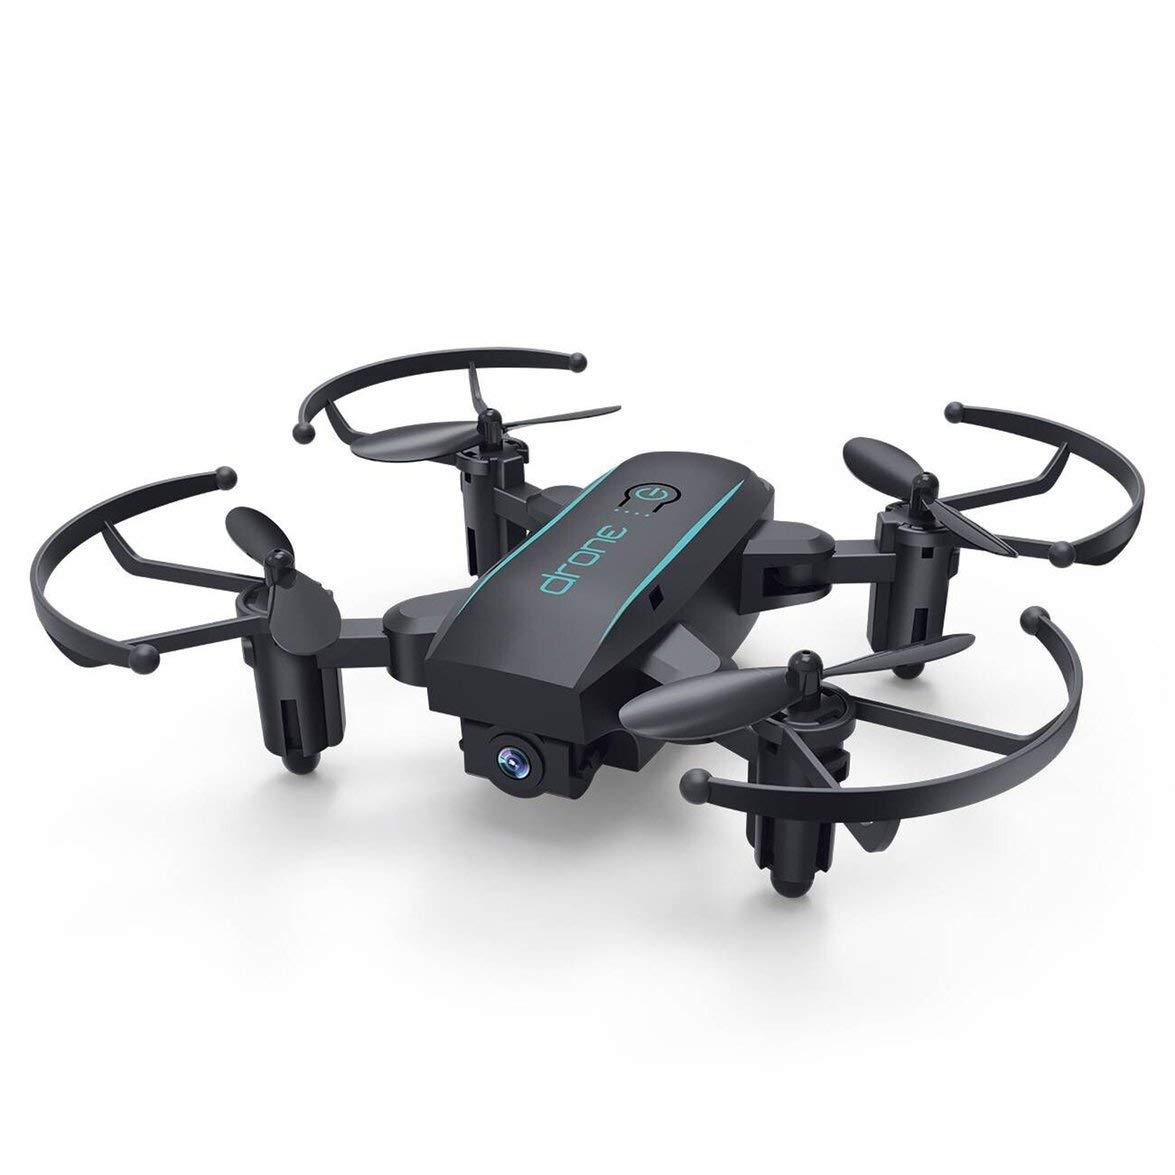 Kongqiabona Mini Drone Pieghevole con Telecamera HD 720P 2.4G RC Drone FPV WiFi Micro Quadrocopter modalità Senza Testa Altitude Hold